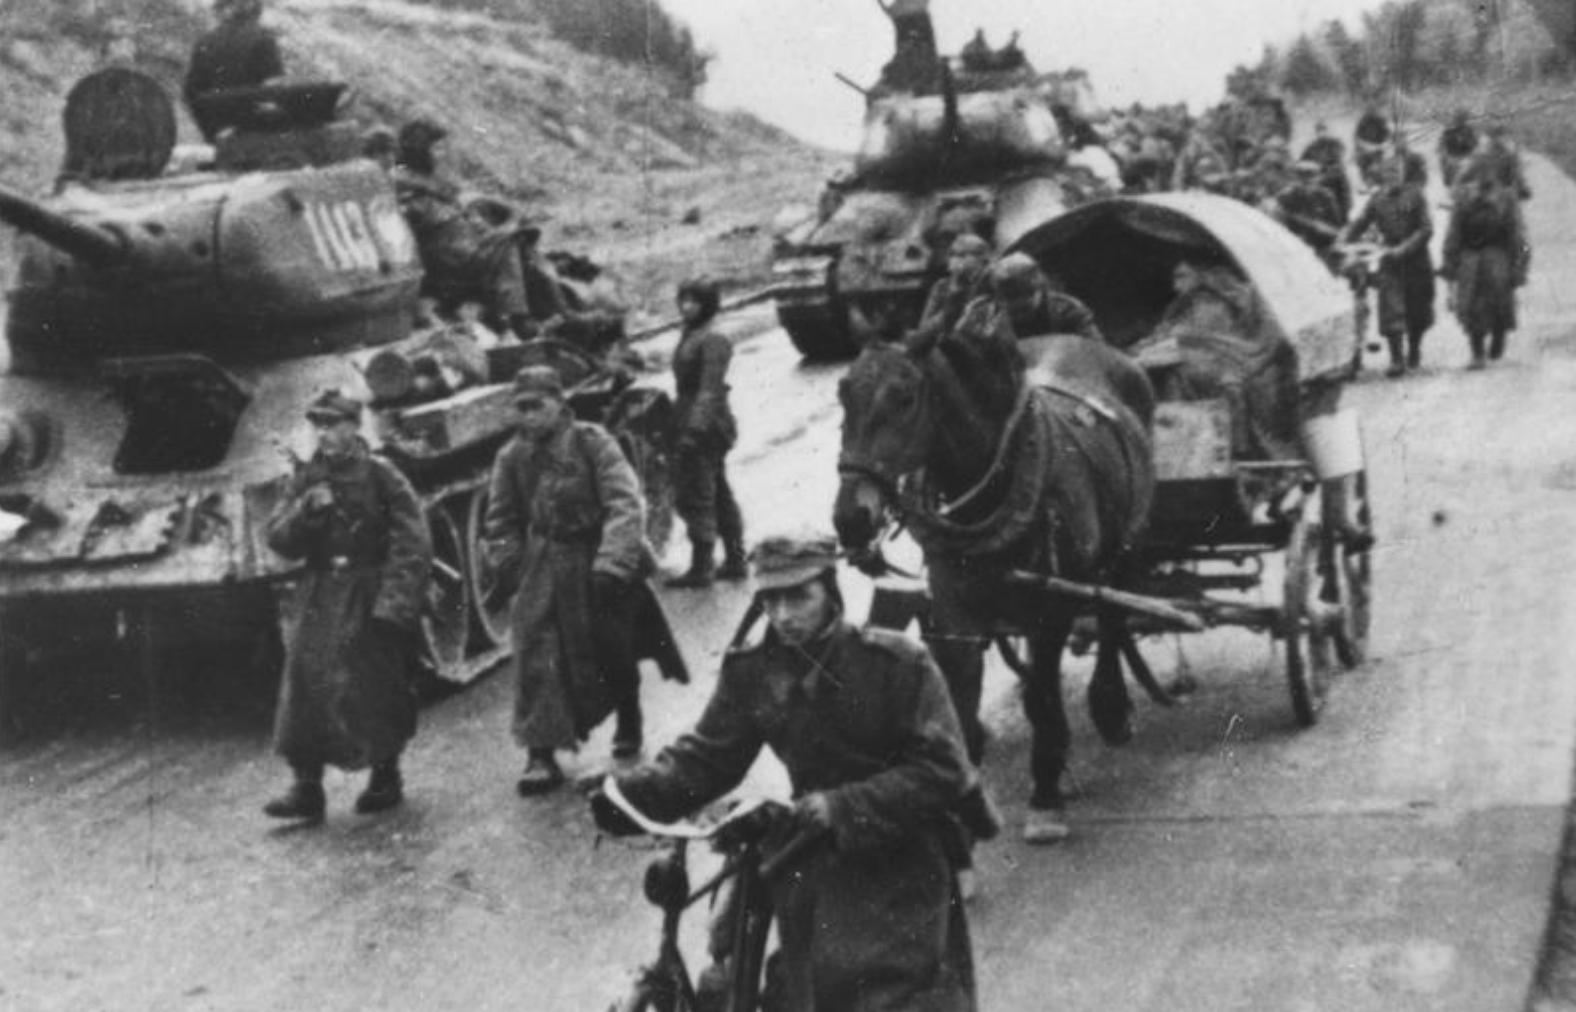 Пољска армија на путу у Берлин, 1945.